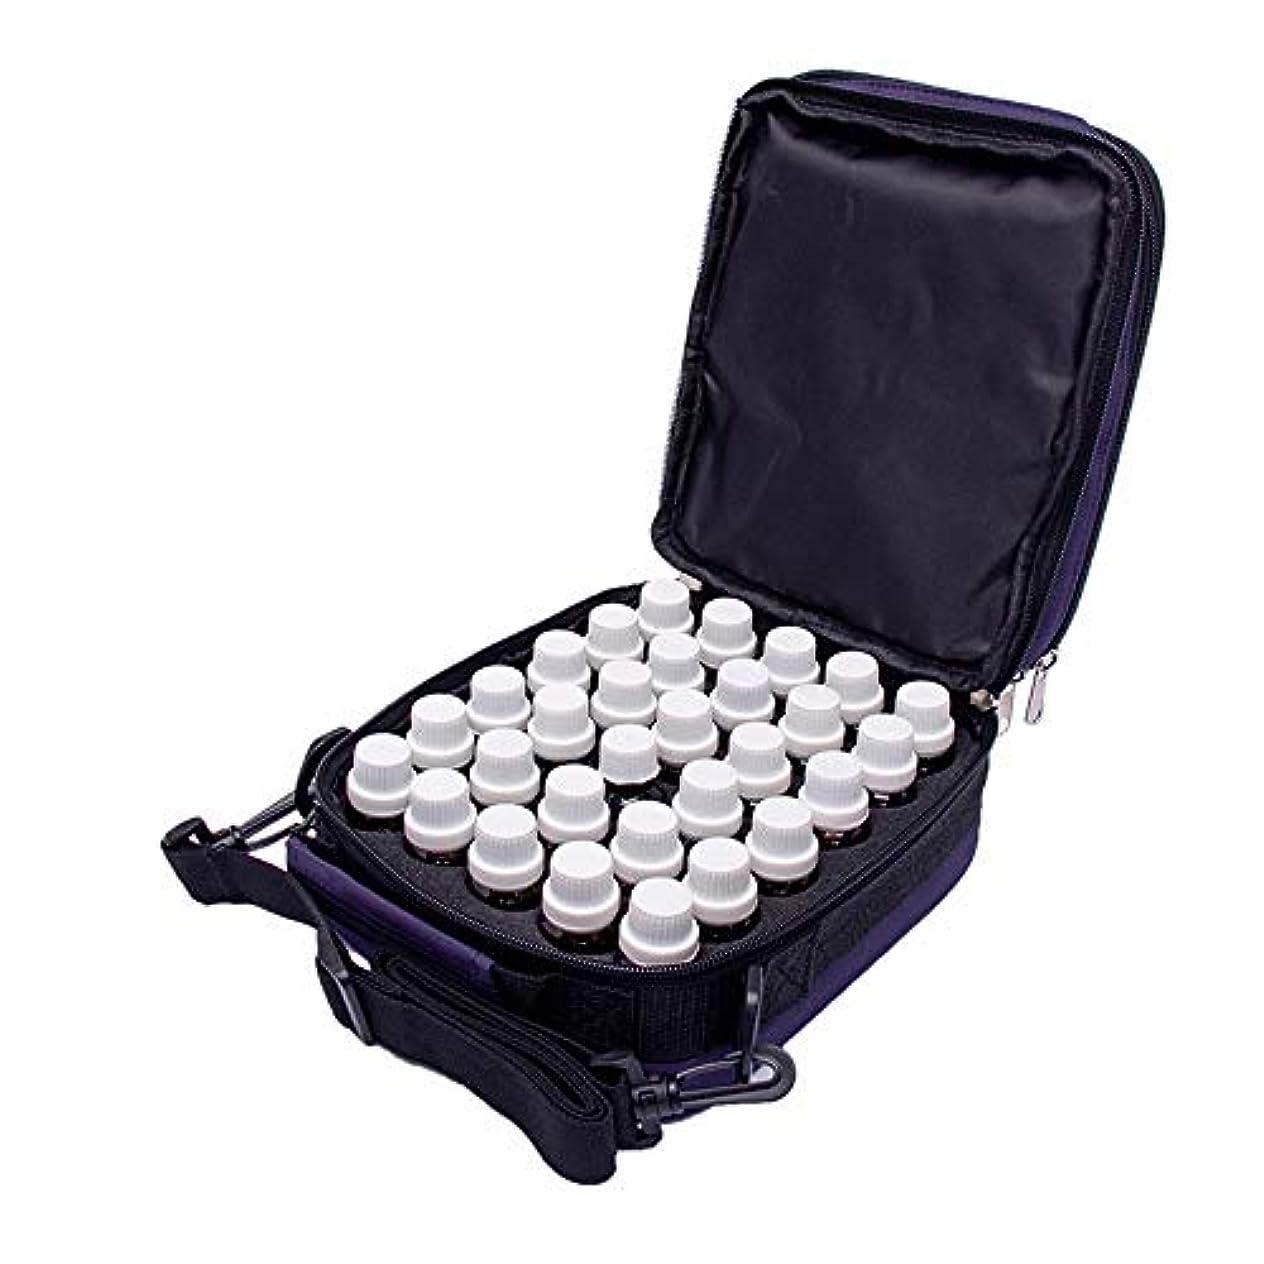 無効にする低いシャツエッセンシャルオイルボックス オイル拡散ハンドバッグスーツケース5-10 MLのバイアル瓶ハード外部記憶袋42本のボトル アロマセラピー収納ボックス (色 : 紫の, サイズ : 18X13X21CM)